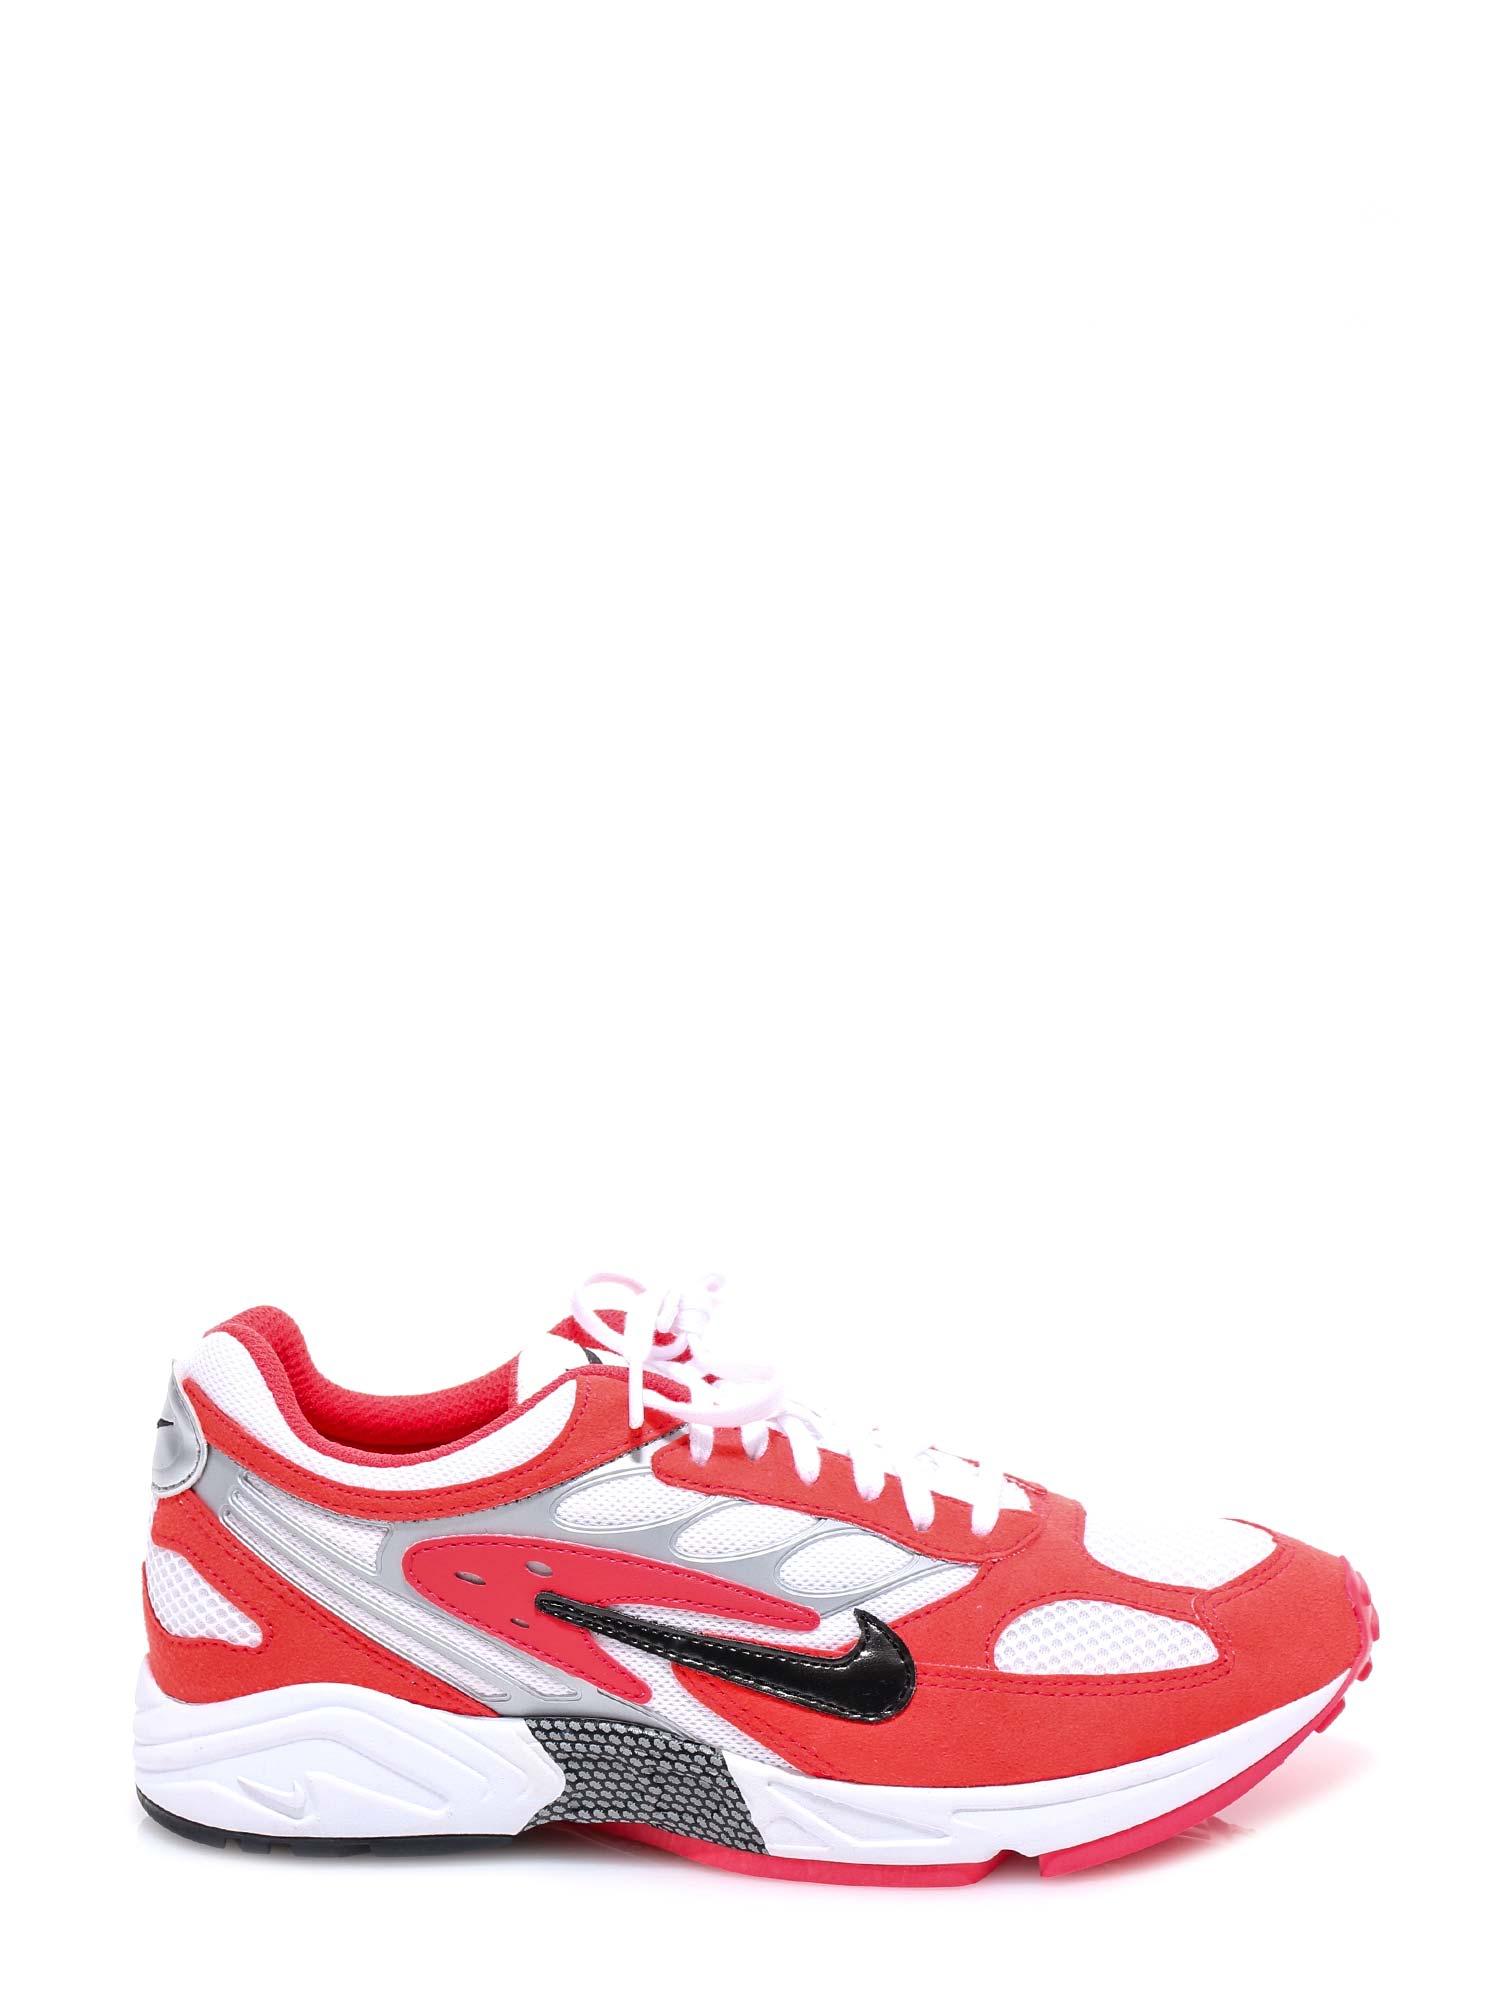 Nike AIR GHOST RACER SNEAKERS